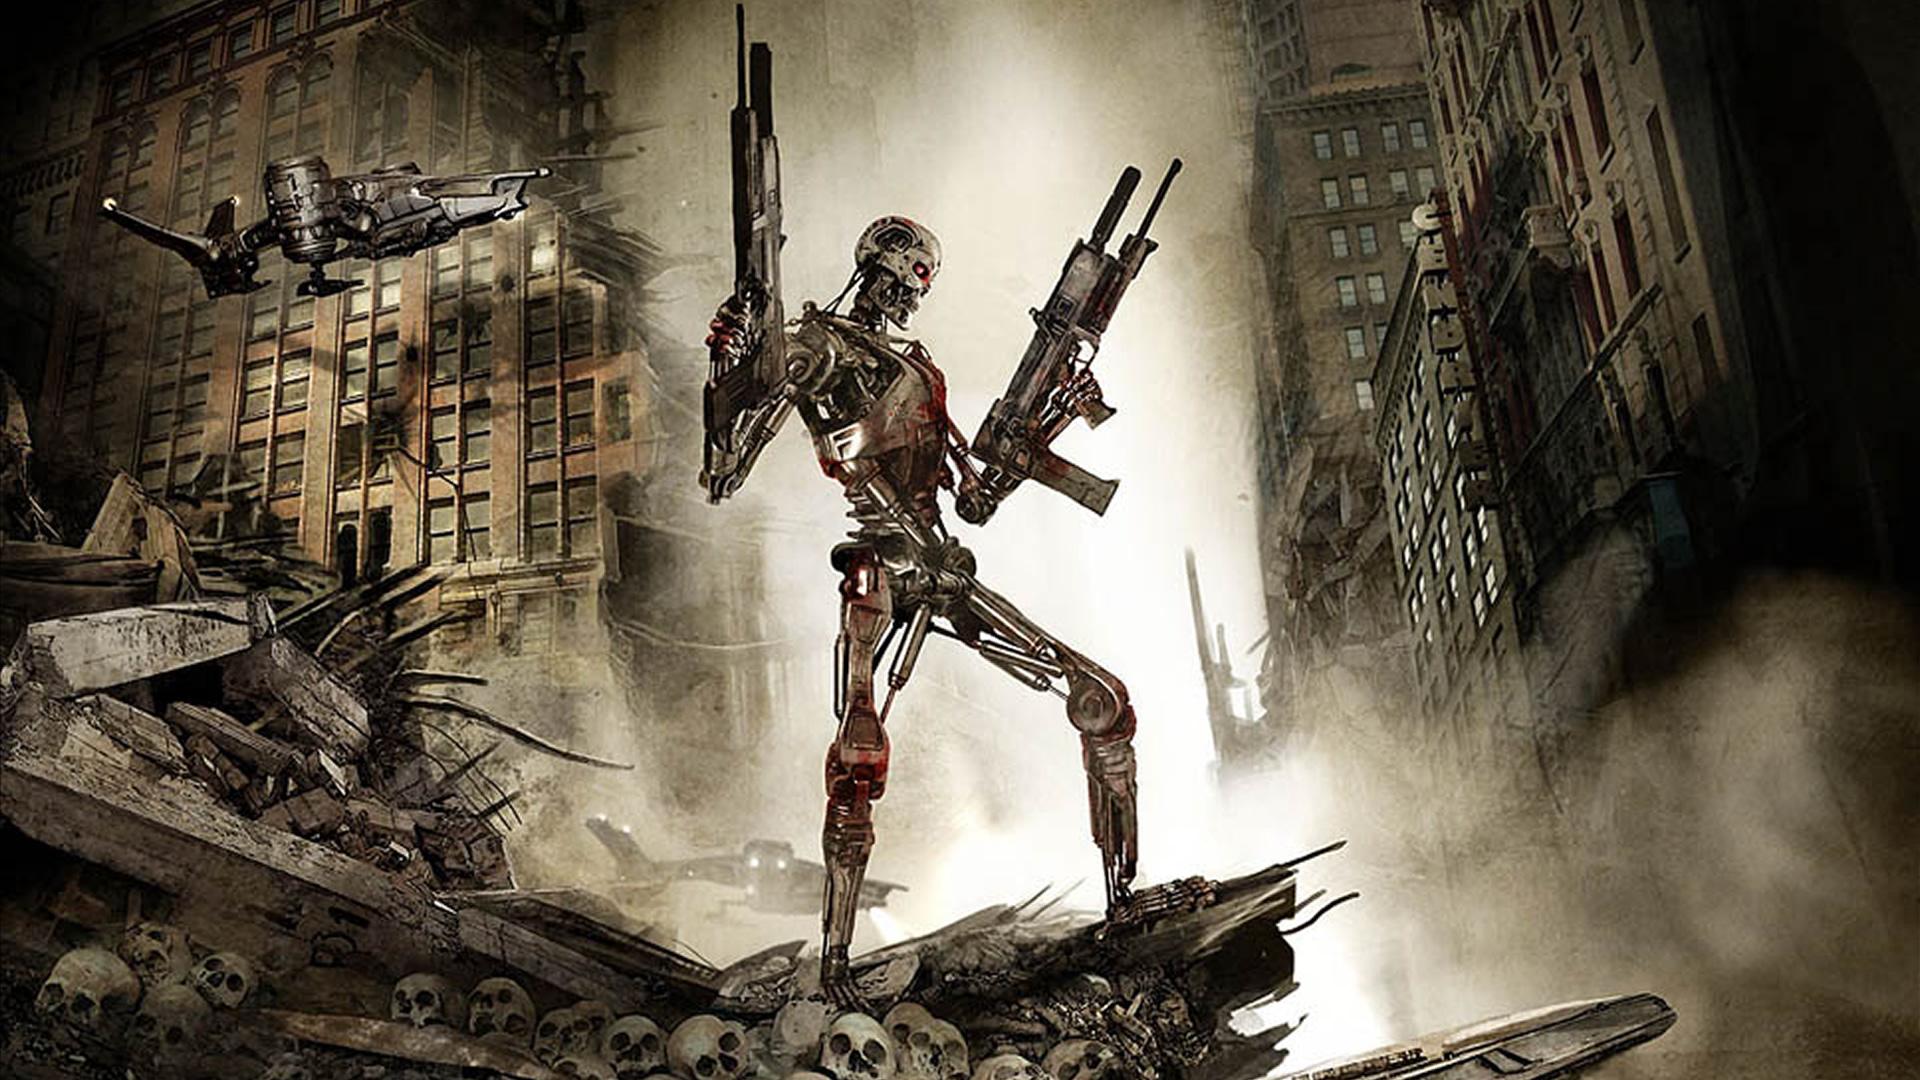 Terminator wallpaper wallpapersafari - Terminator 2 wallpaper hd ...